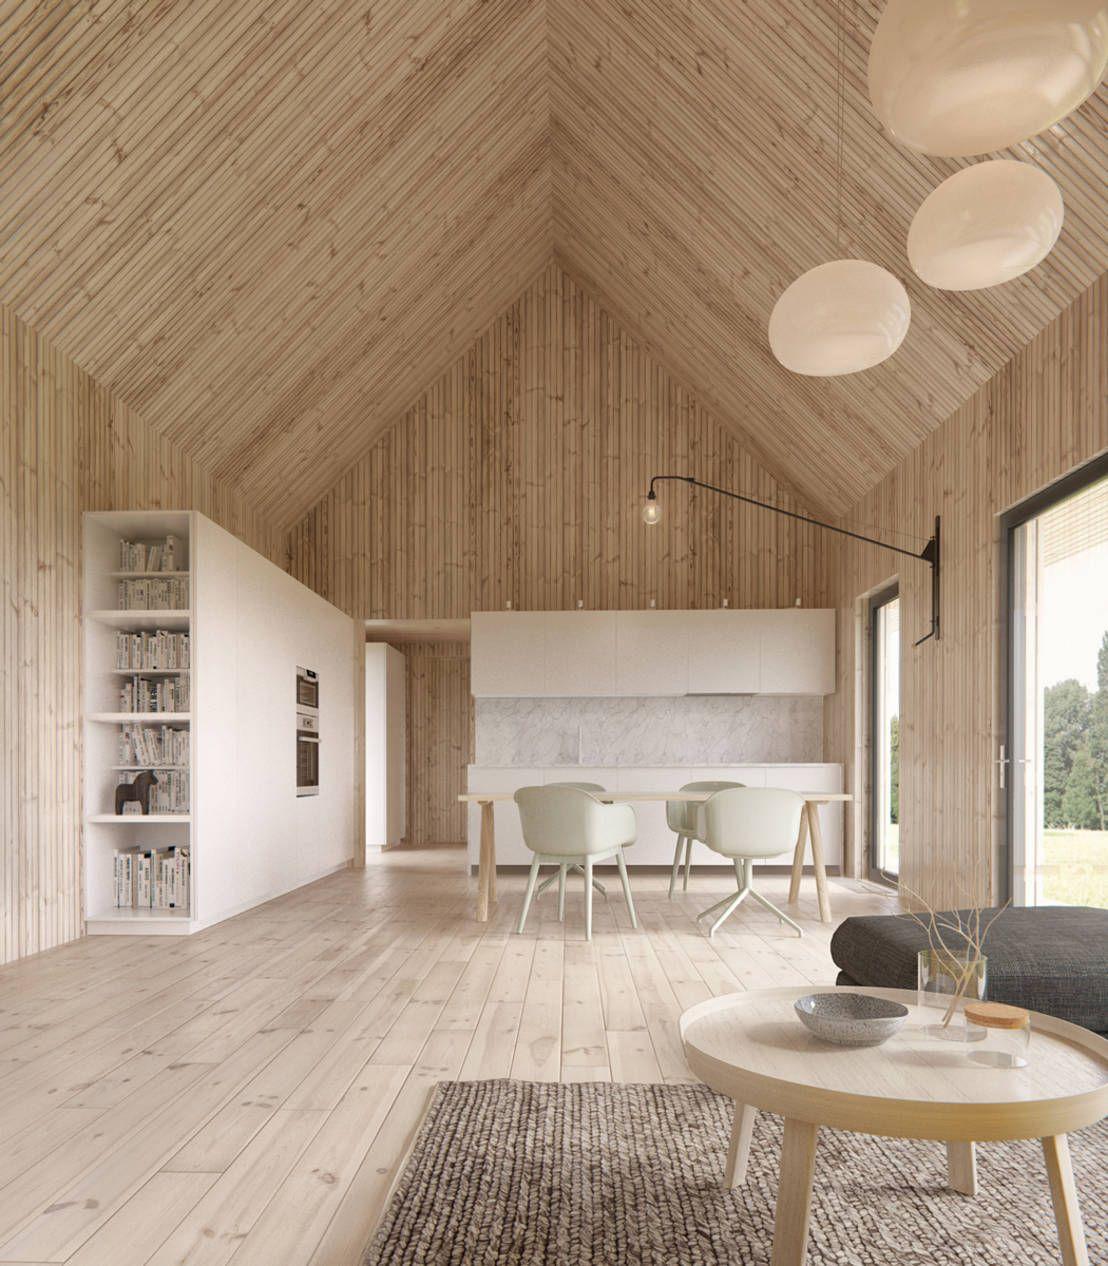 6 architetti per 6 stili diversi cabins pinterest